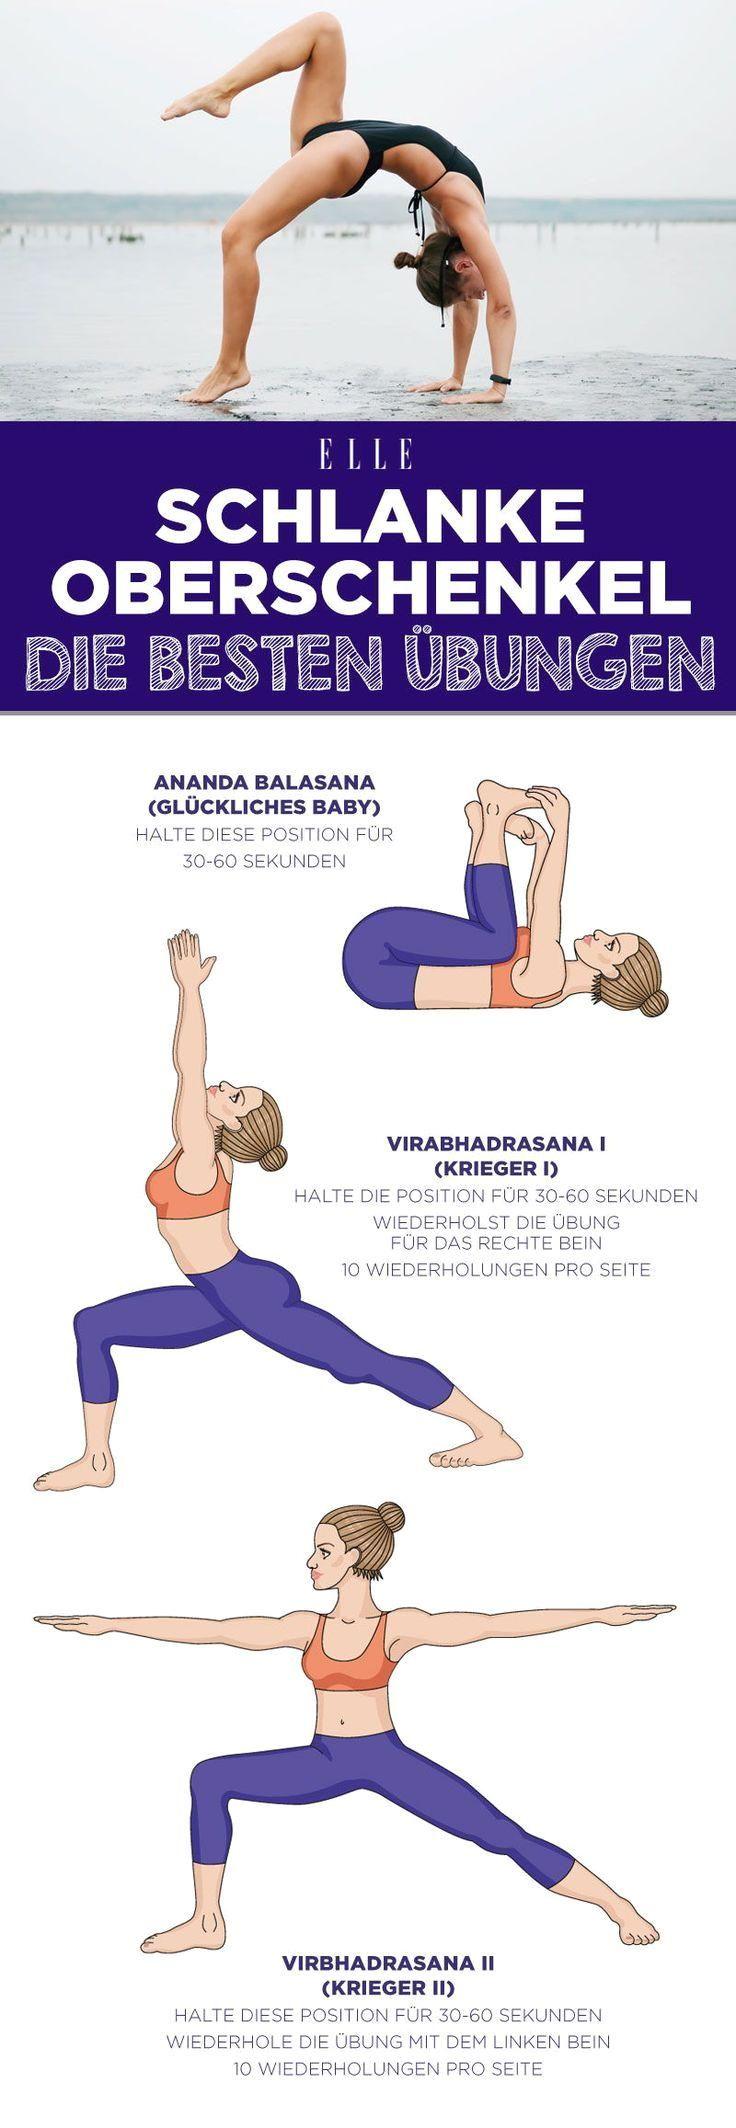 #beine  #oberschenkel  #training  #schlankebeine  #legs  #bodyshape  #fitness  #yoga  #workout #Ober...